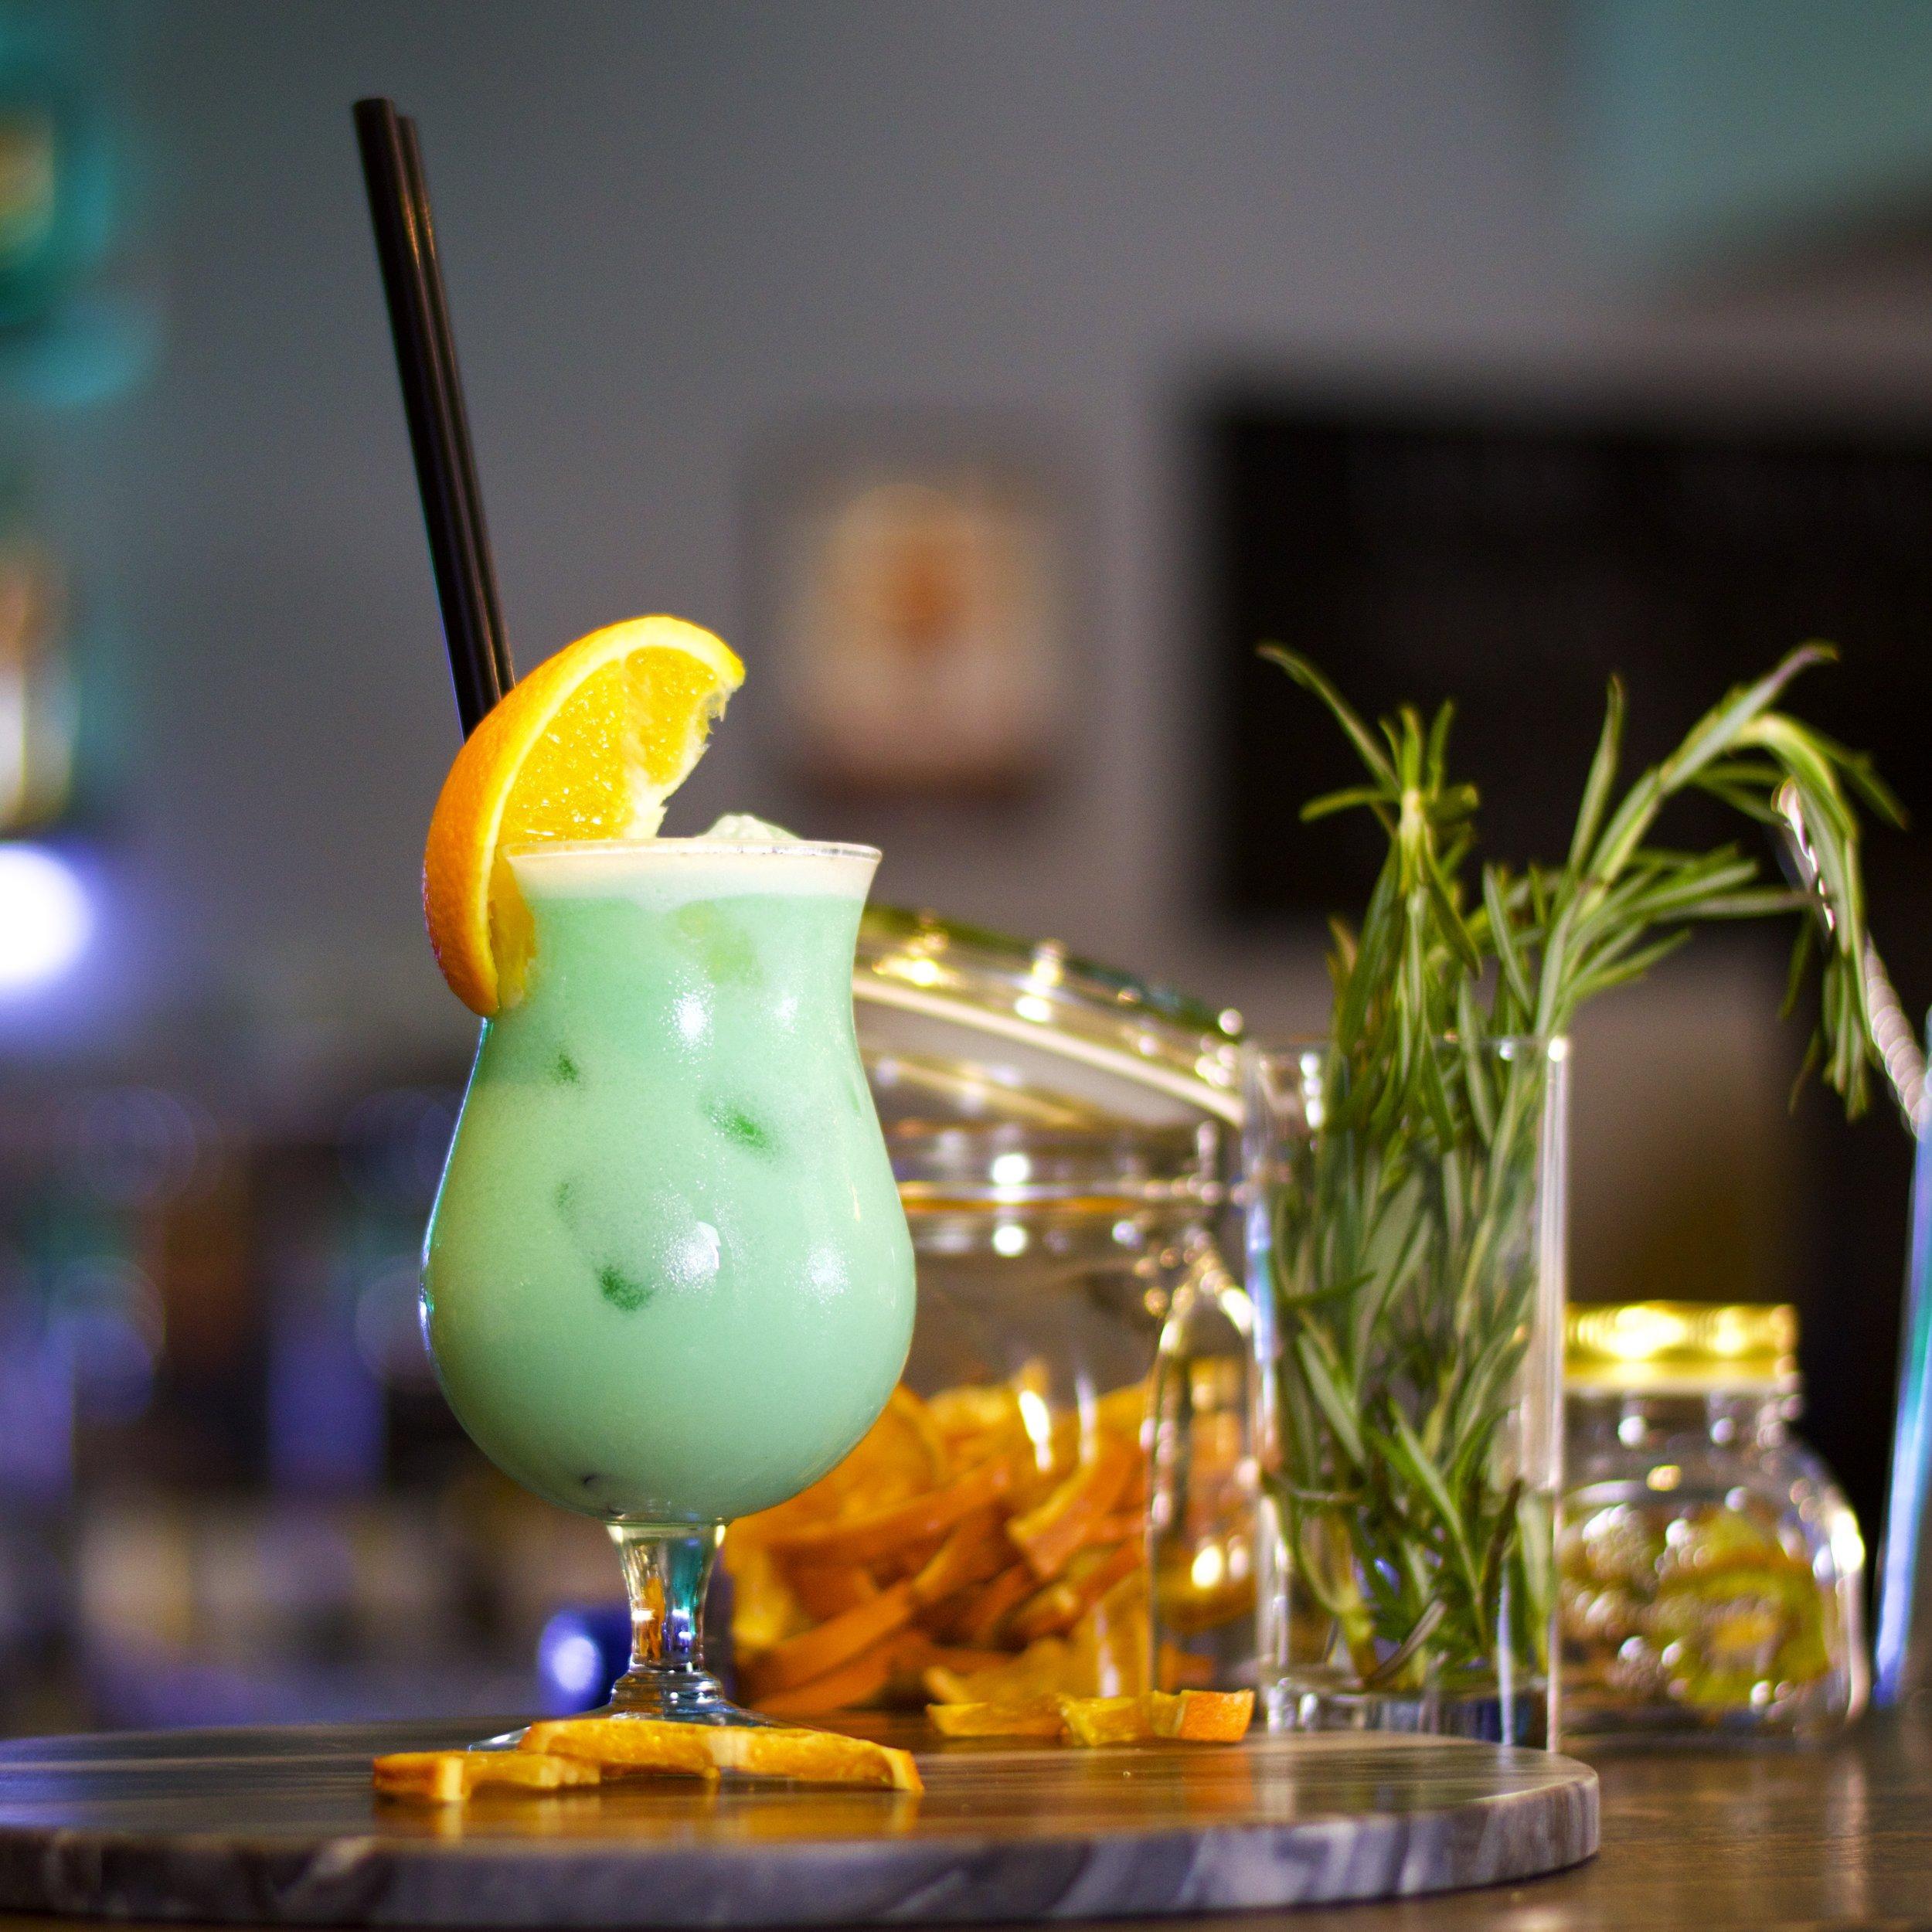 Swimming Pool - miešaný nápoj pripravovaný z bieleho rumu, vodky, likéru Blue curacao, ananásového džúsu, smotany a kokosového sirupu.